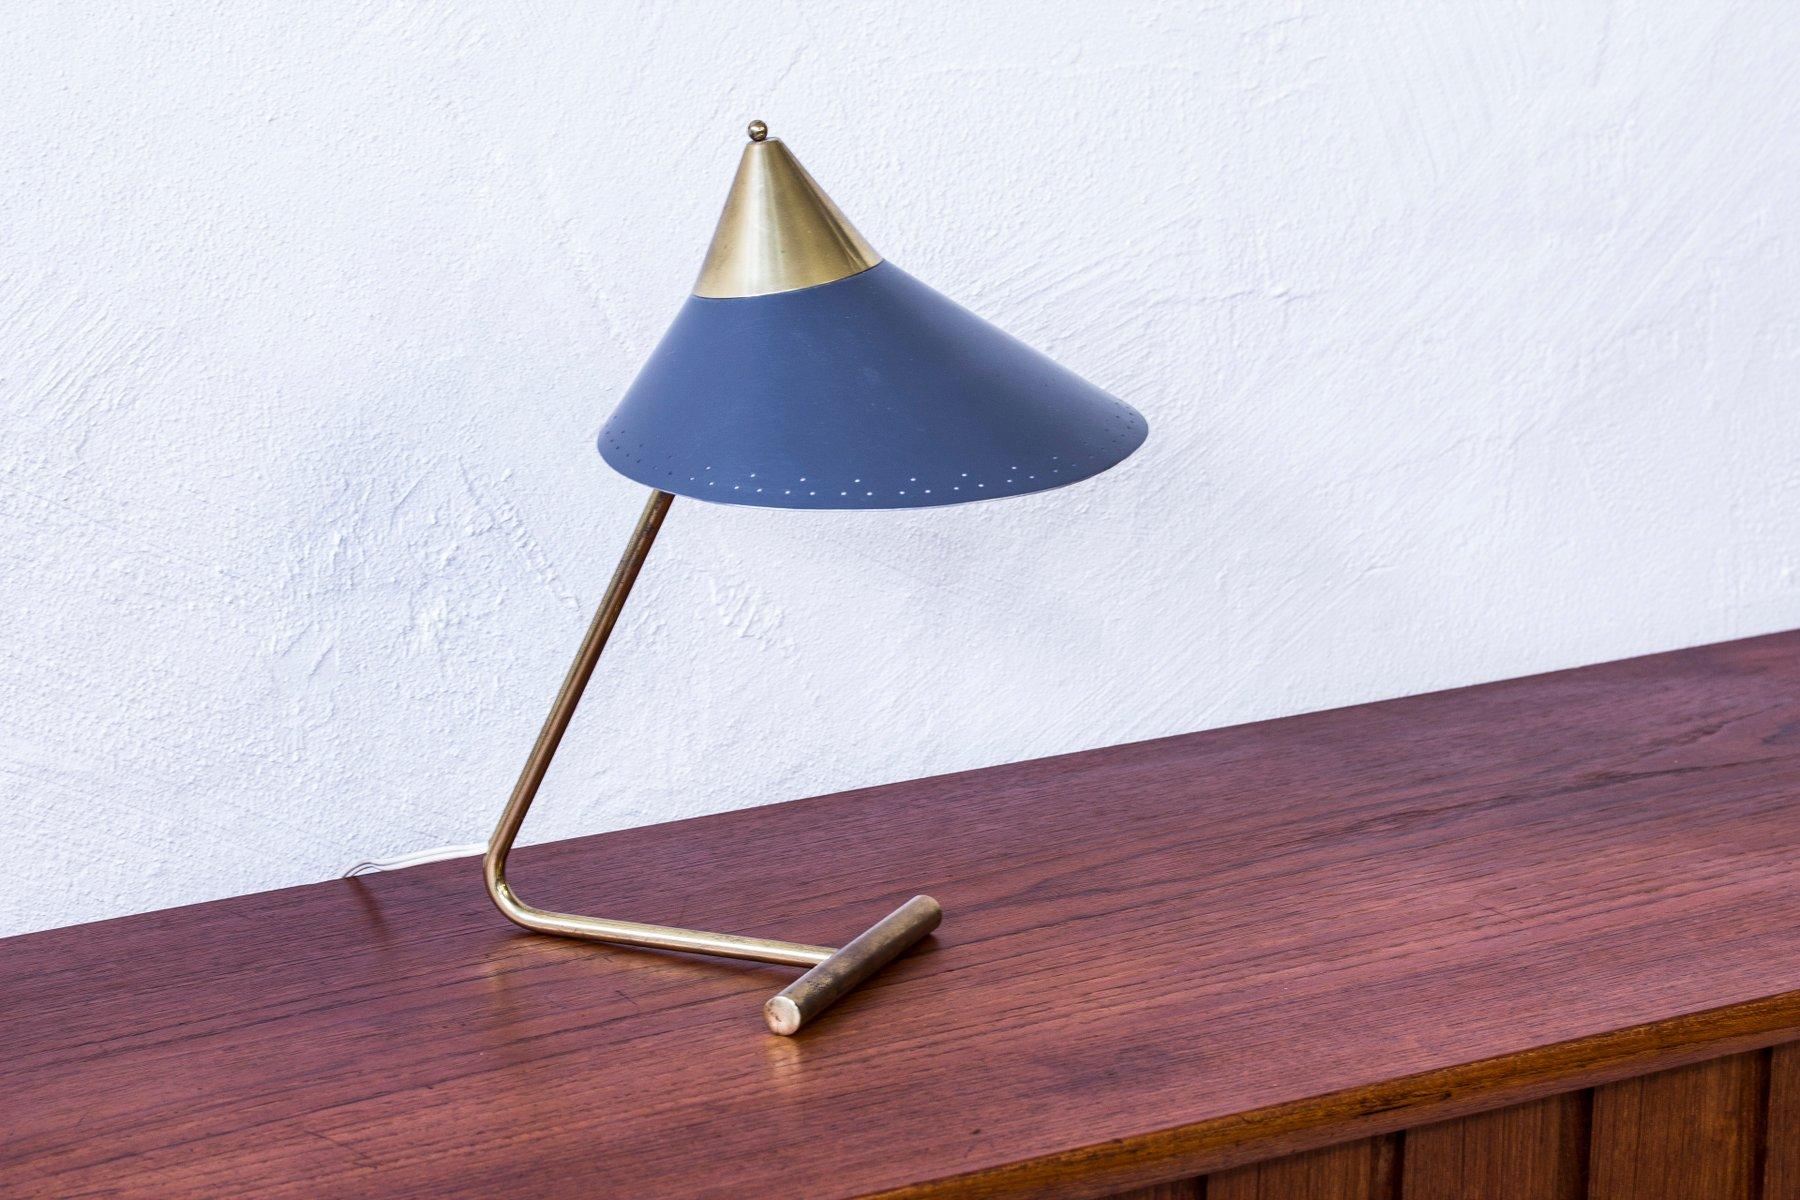 Tischlampe von Svend Aage Holm Sørensen für Holm Sørensen & Co, 1950er